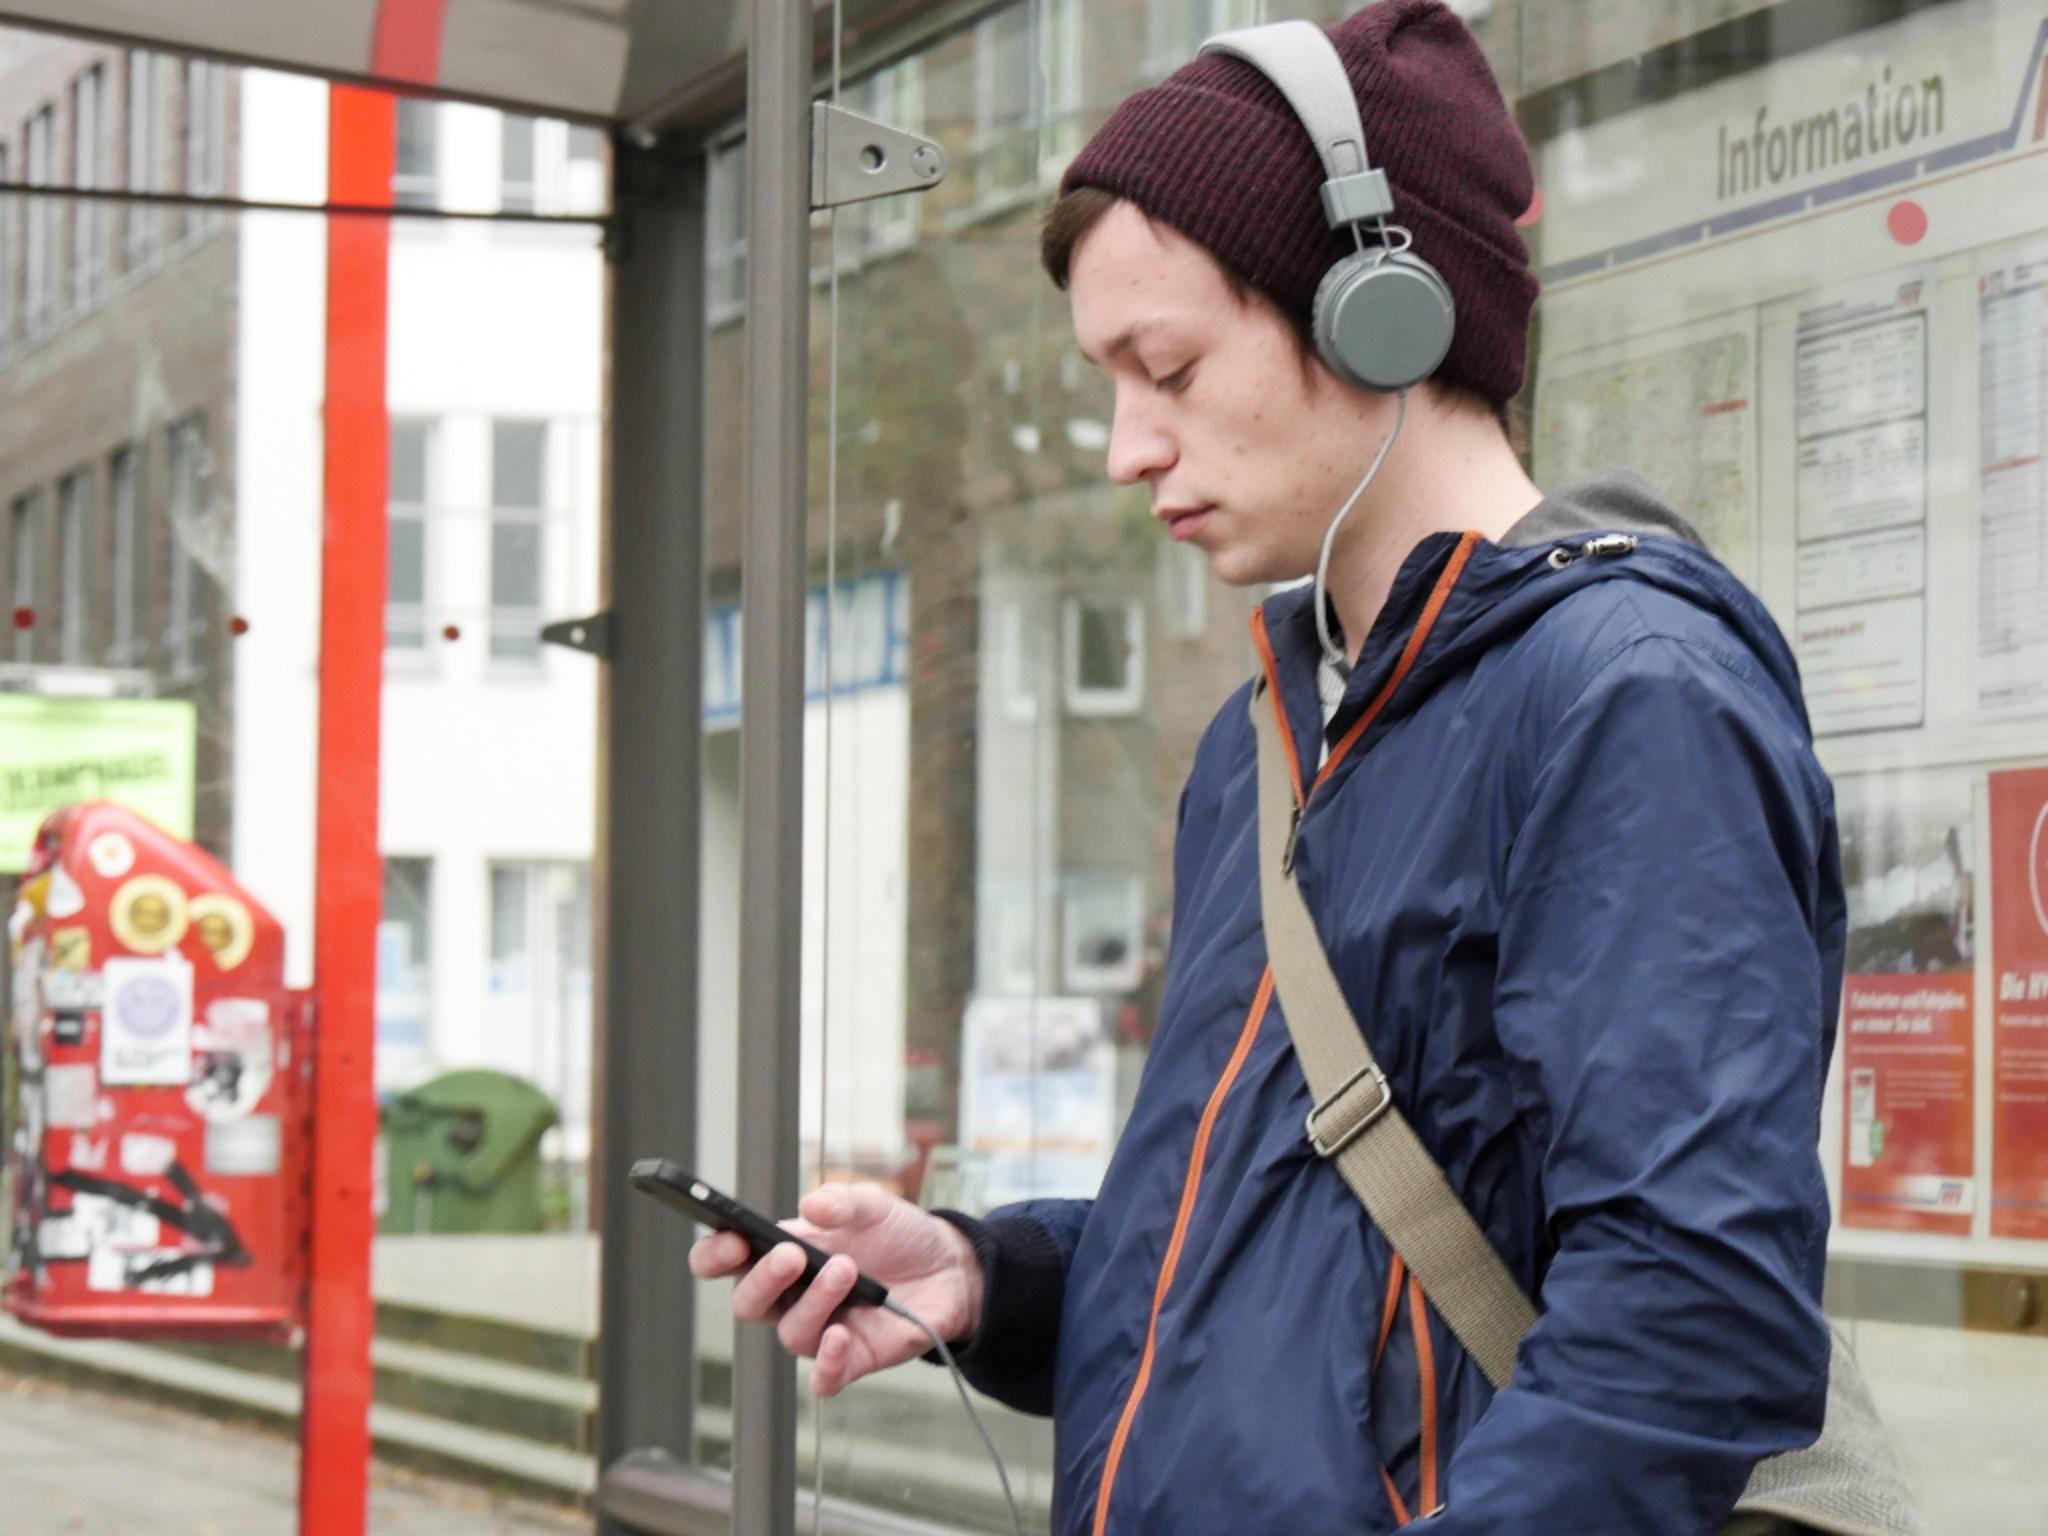 Als Vielhörer war Malte insbesondere von der Akkulaufzeit seines iPhone 5s unter iOS 9 überrascht.